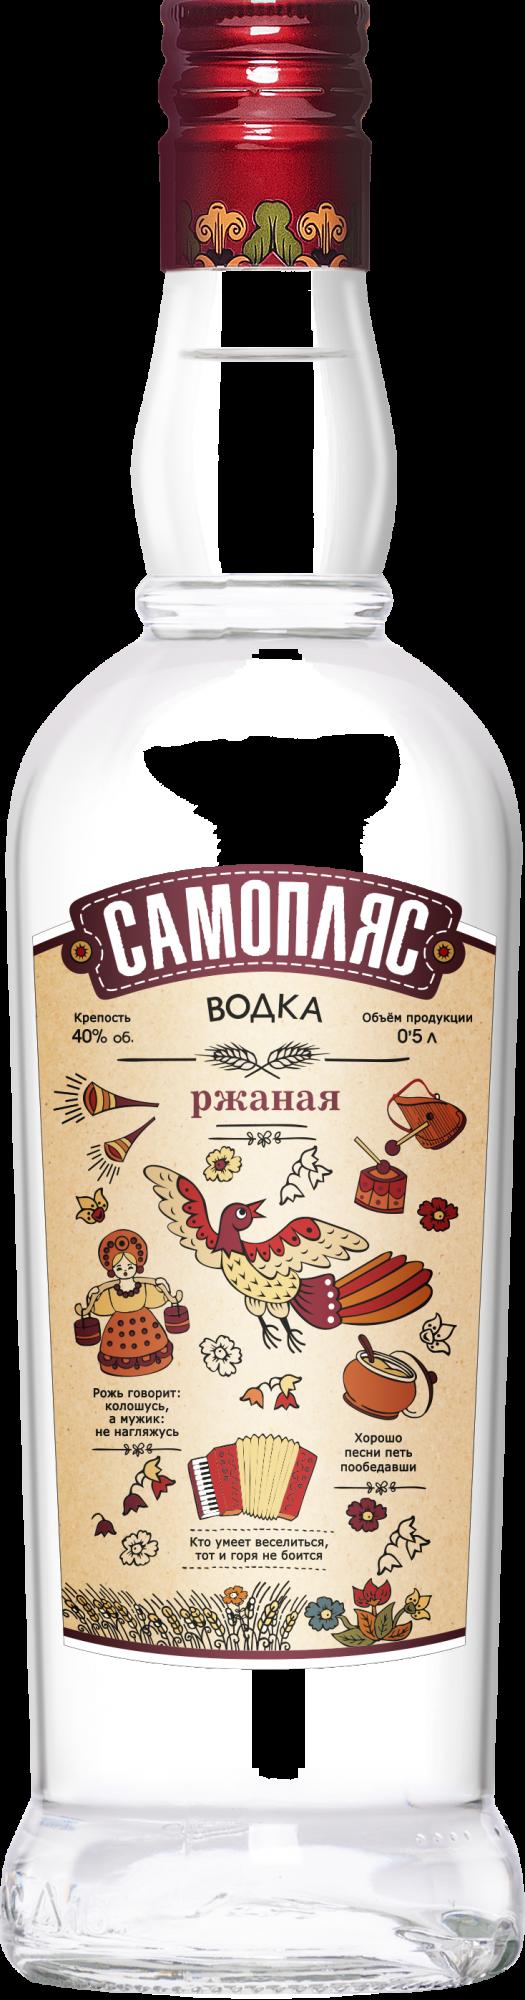 Хлебное вино (полугар) – понятие и старинный рецепт напитка